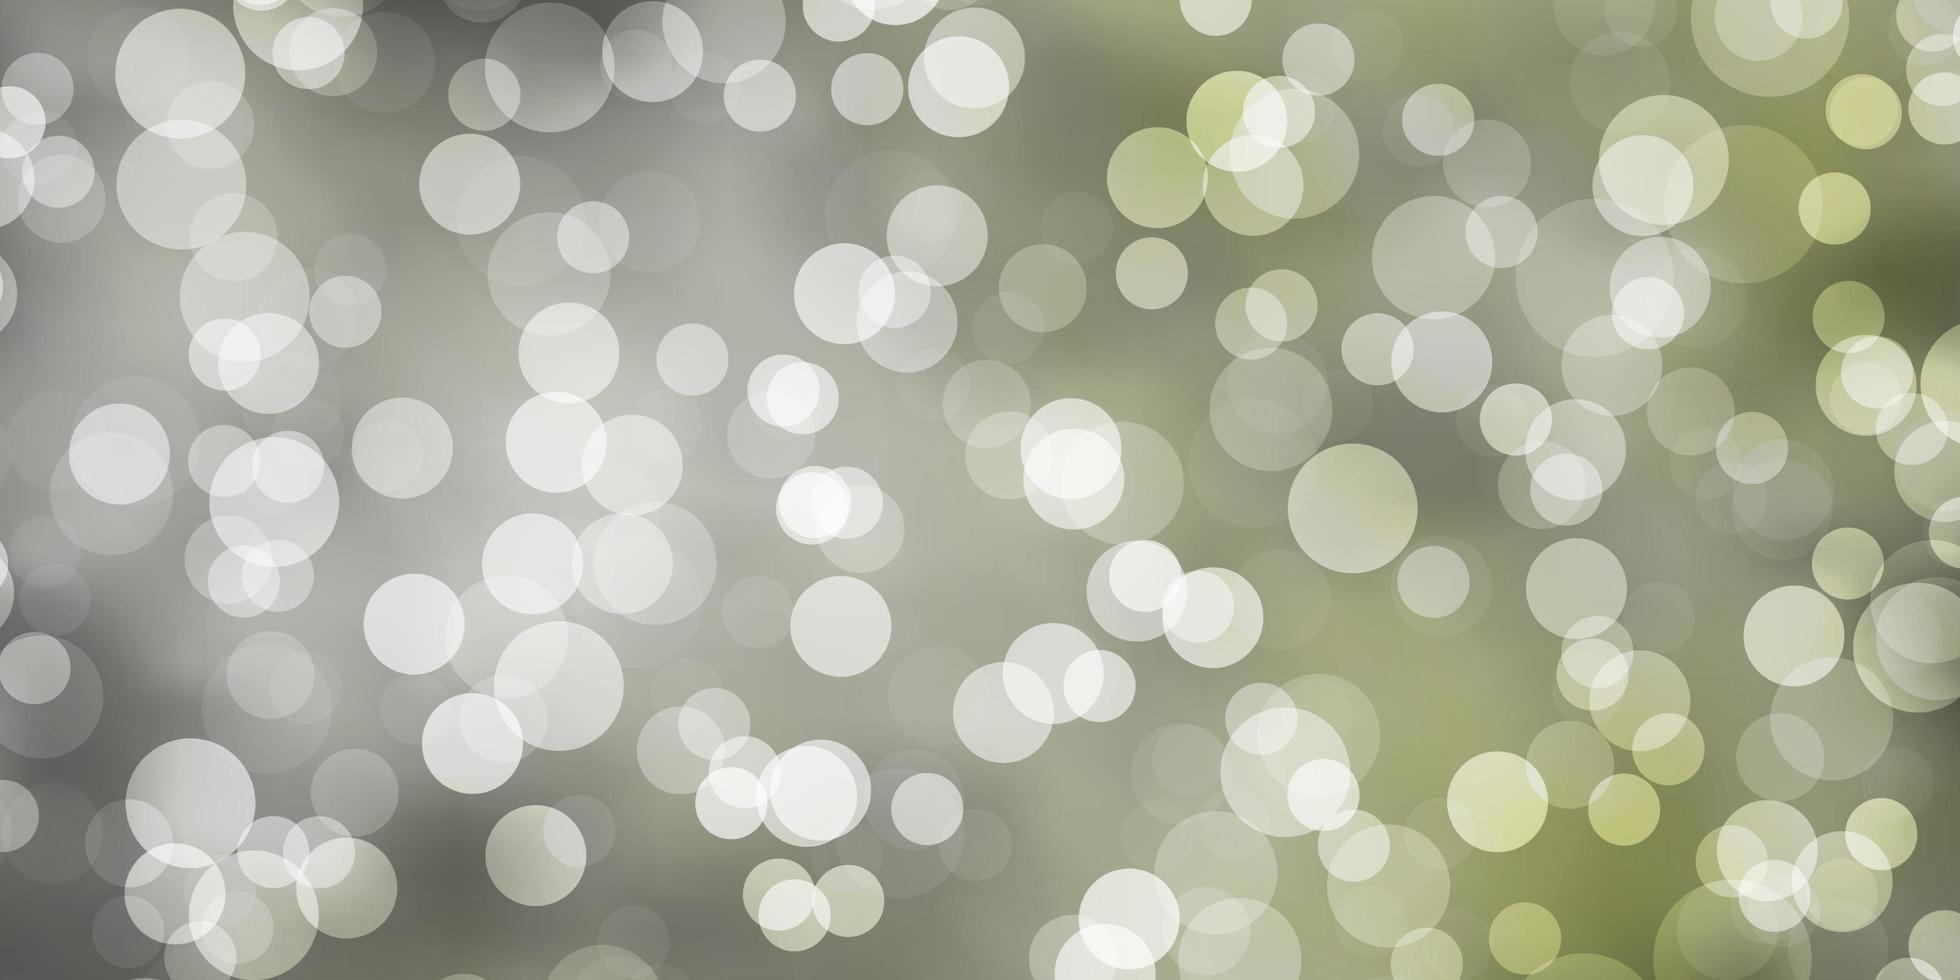 ljusgrön vektorstruktur med cirklar. vektor